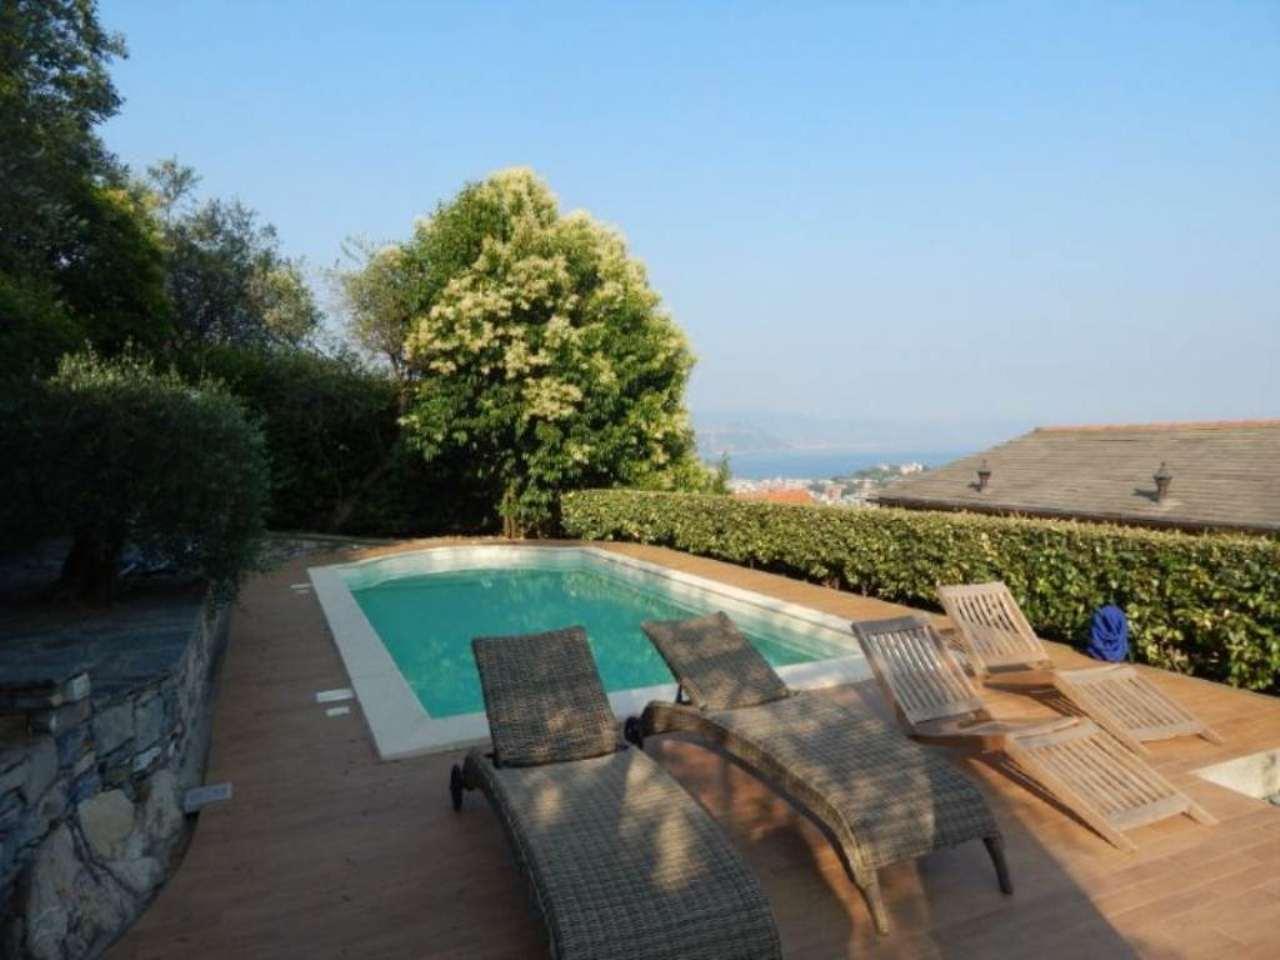 Villa in vendita a Santa Margherita Ligure, 10 locali, Trattative riservate | CambioCasa.it